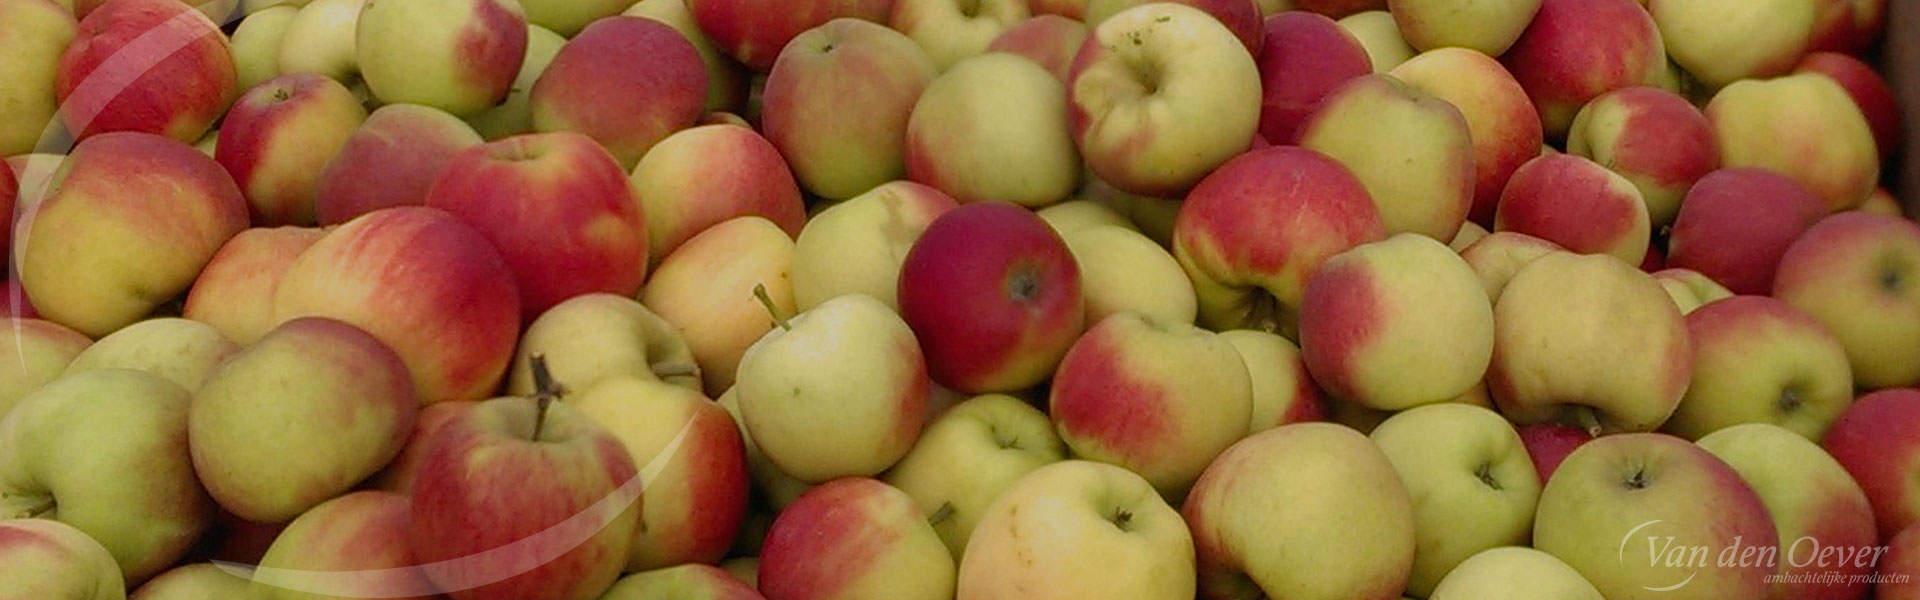 appels in bak